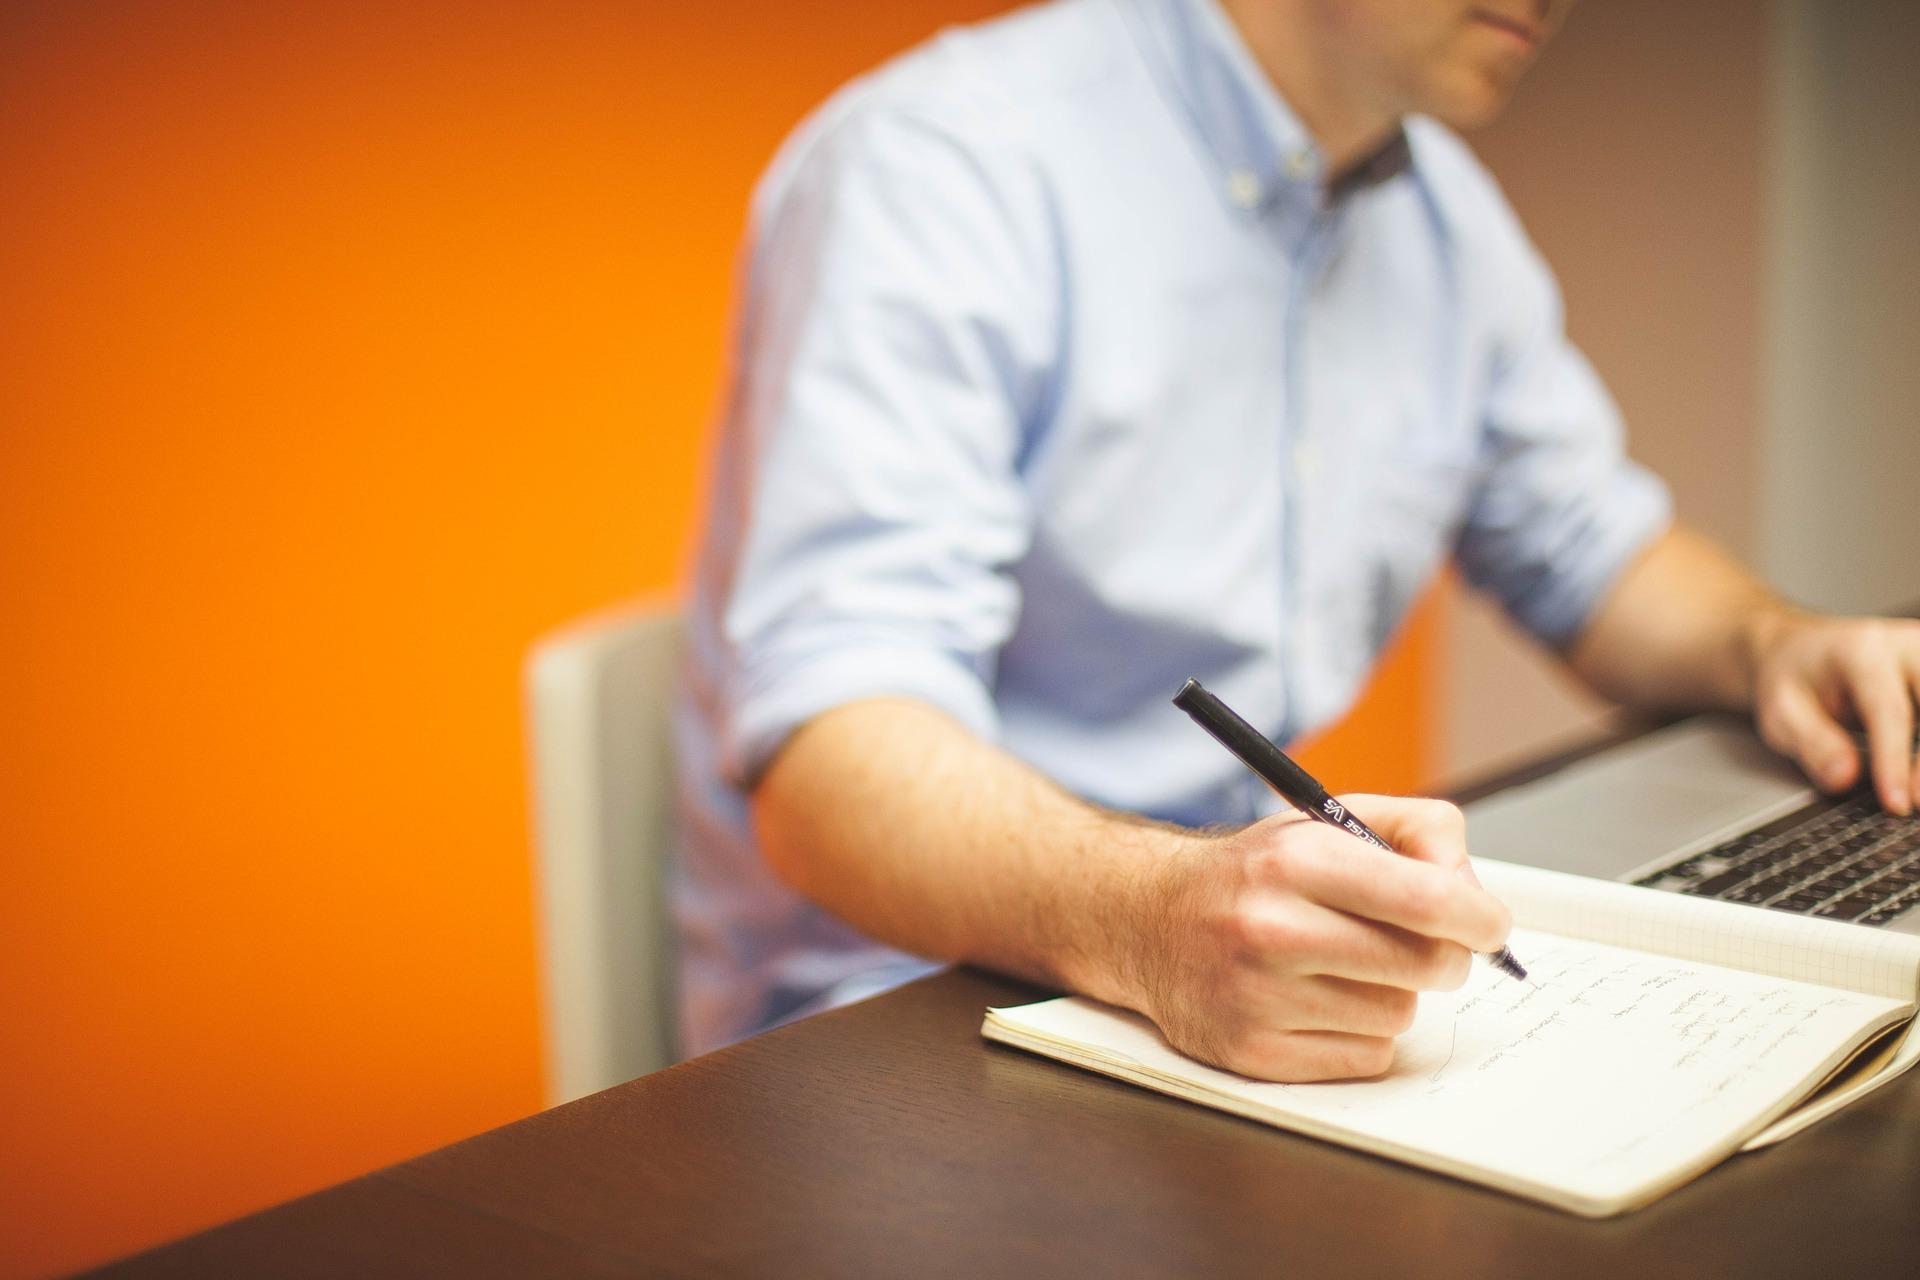 Espace de bureau flexible ou fixe: Quelle est la solution idéale pour vous?